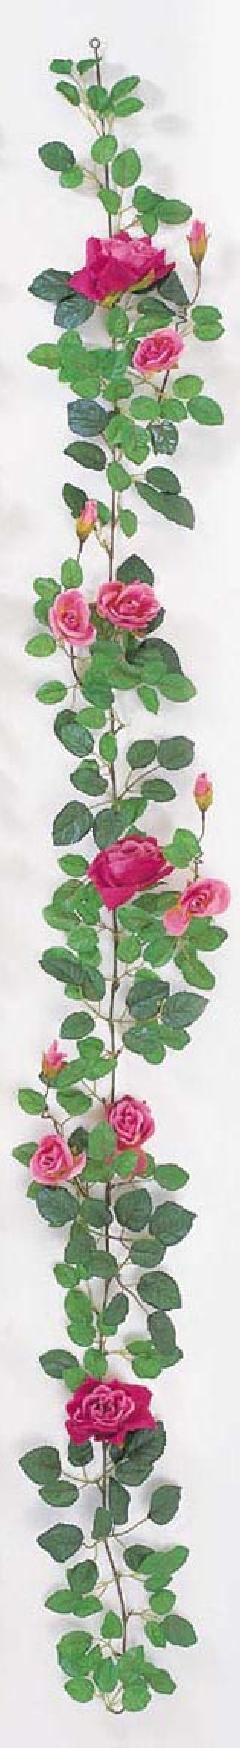 屋内用造花バラガーランド(プラチナローズ・モーブ・全長180cm/花径5〜10cm)FLG−302